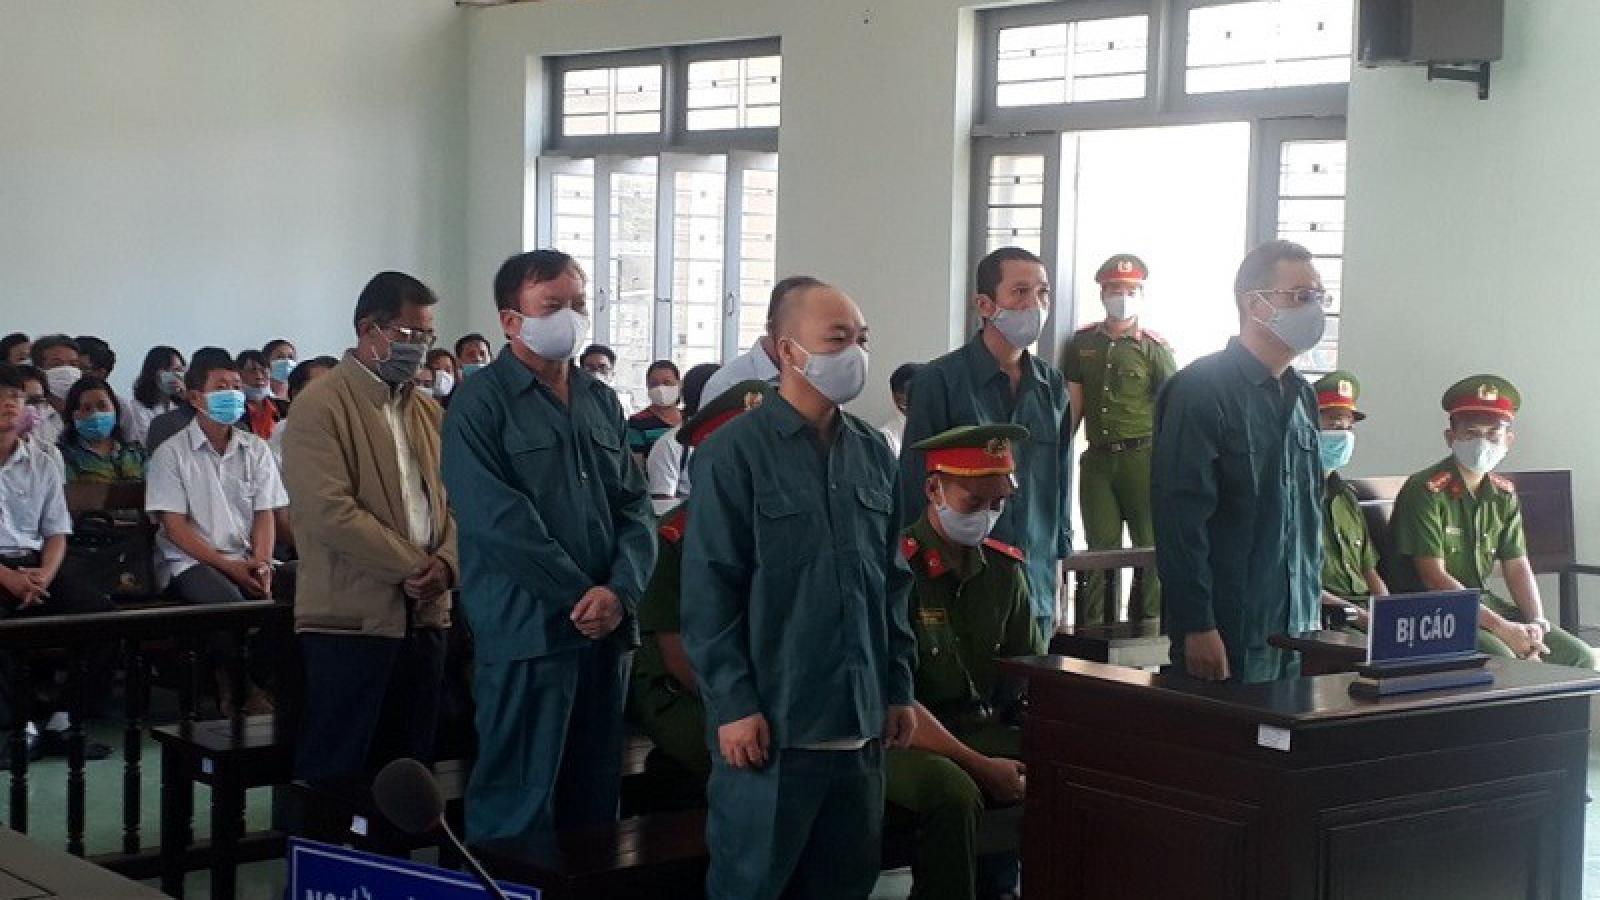 Ký 32 quyết định sai phạm về đất đai, cựu Chủ tịch TP Phan Thiết nhận án treo